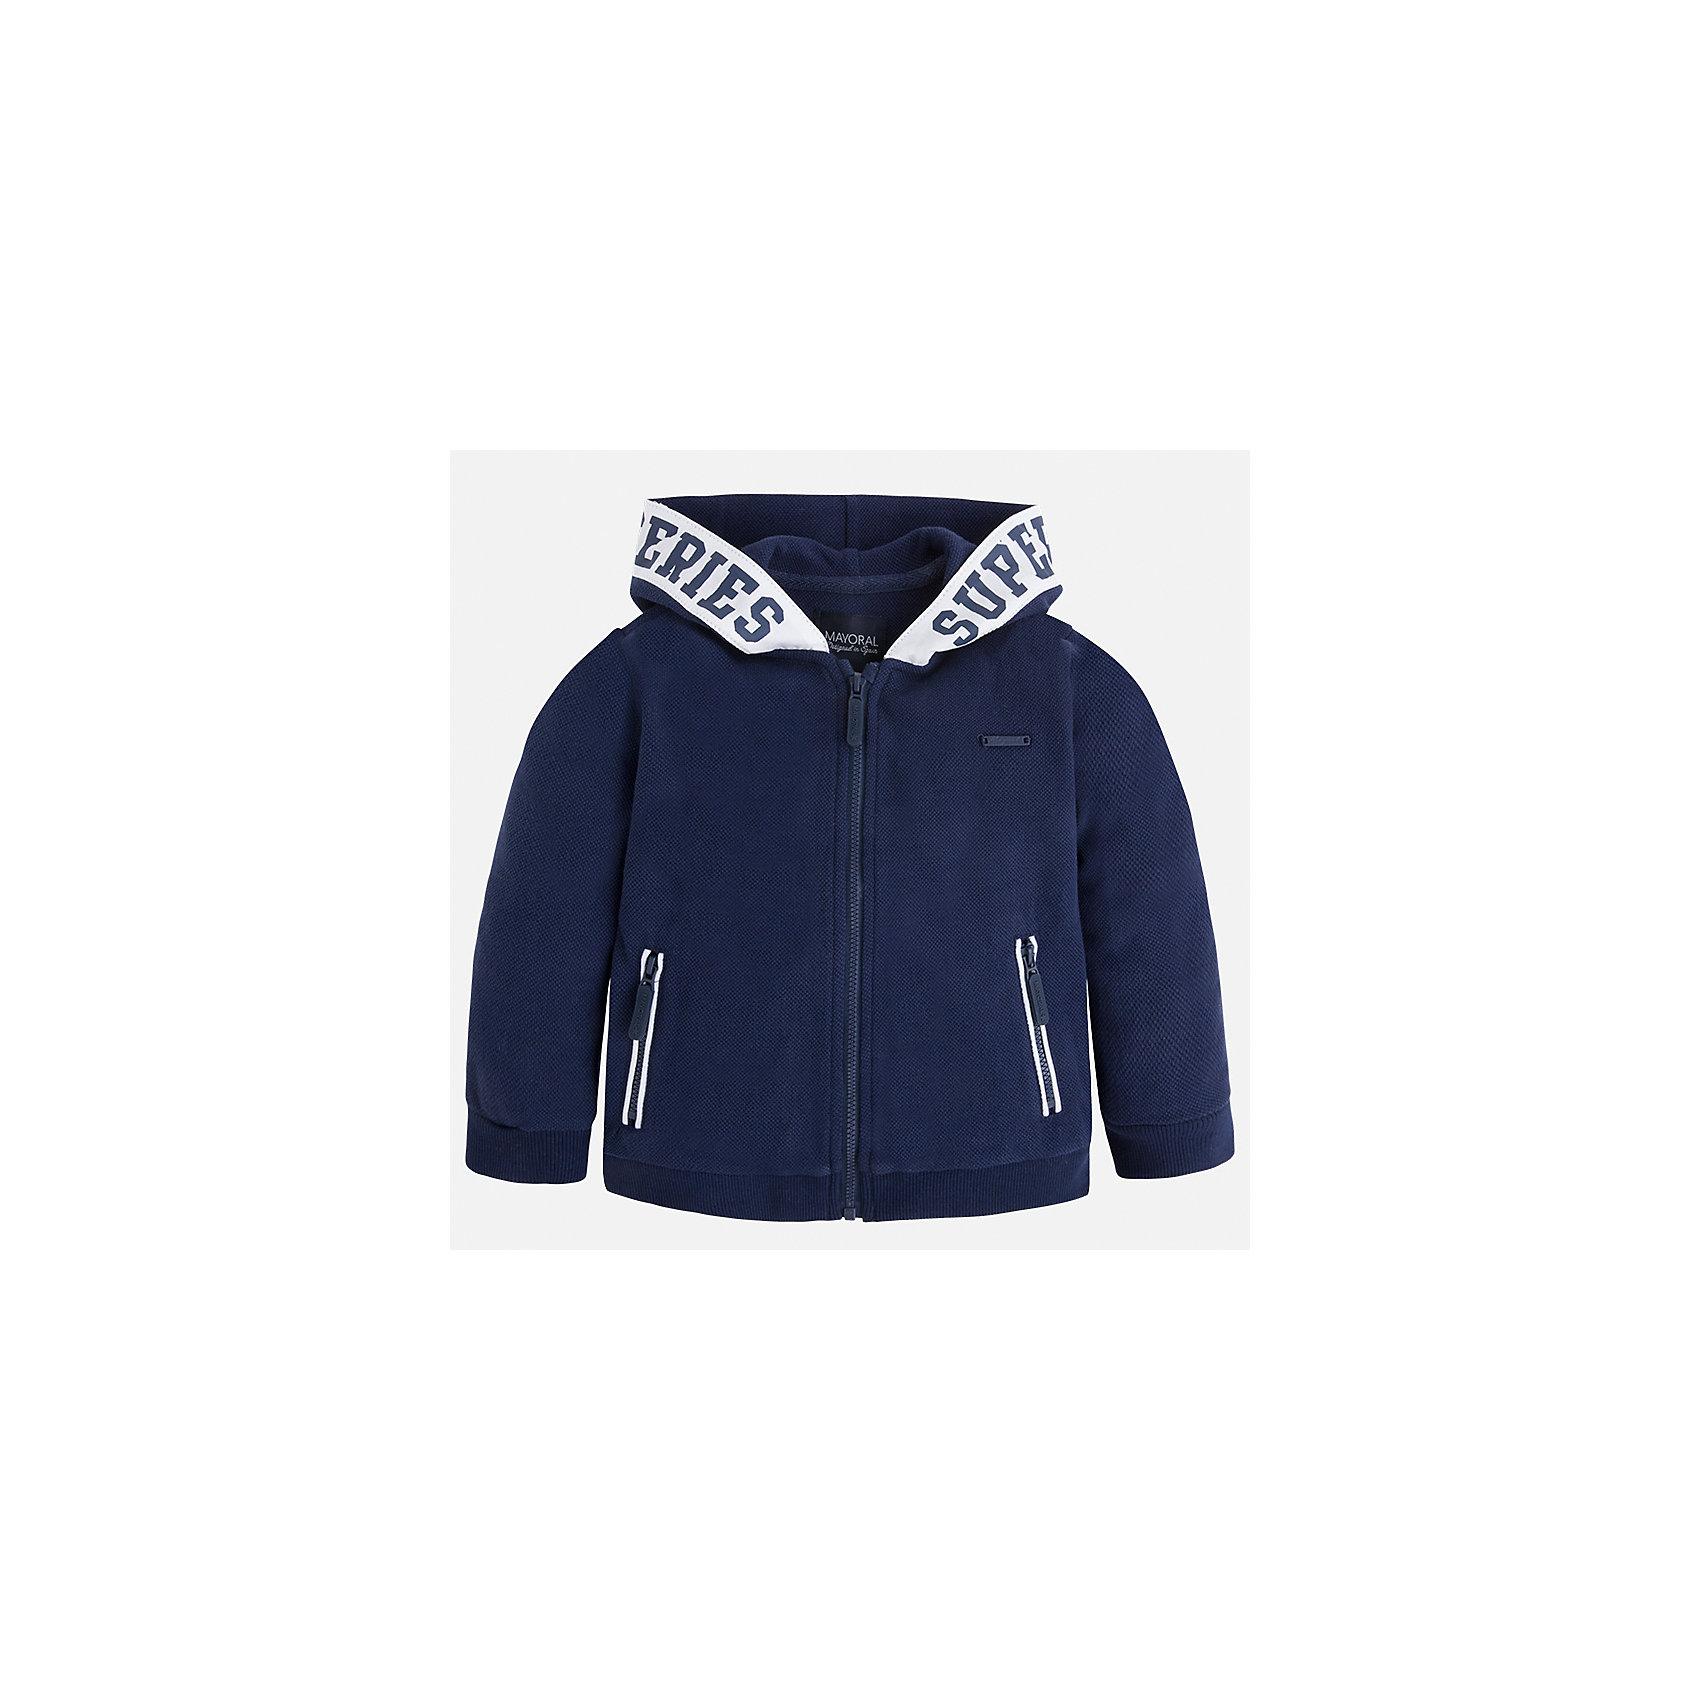 Куртка для мальчика MayoralХарактеристики товара:<br><br>• цвет: синий<br>• состав: 100% хлопок<br>• манжеты<br>• карманы<br>• молния<br>• капюшон<br>• страна бренда: Испания<br><br>Легкая куртка для мальчика поможет разнообразить гардероб ребенка и обеспечить тепло в прохладную погоду. Она отлично сочетается и с джинсами, и с брюками. Универсальный цвет позволяет подобрать к вещи низ различных расцветок. Интересная отделка модели делает её нарядной и оригинальной. В составе материала - только натуральный хлопок, гипоаллергенный, приятный на ощупь, дышащий.<br><br>Одежда, обувь и аксессуары от испанского бренда Mayoral полюбились детям и взрослым по всему миру. Модели этой марки - стильные и удобные. Для их производства используются только безопасные, качественные материалы и фурнитура. Порадуйте ребенка модными и красивыми вещами от Mayoral! <br><br>Куртку для мальчика от испанского бренда Mayoral (Майорал) можно купить в нашем интернет-магазине.<br><br>Ширина мм: 356<br>Глубина мм: 10<br>Высота мм: 245<br>Вес г: 519<br>Цвет: синий<br>Возраст от месяцев: 24<br>Возраст до месяцев: 36<br>Пол: Мужской<br>Возраст: Детский<br>Размер: 98,104,110,116,128,122,134,92<br>SKU: 5280639